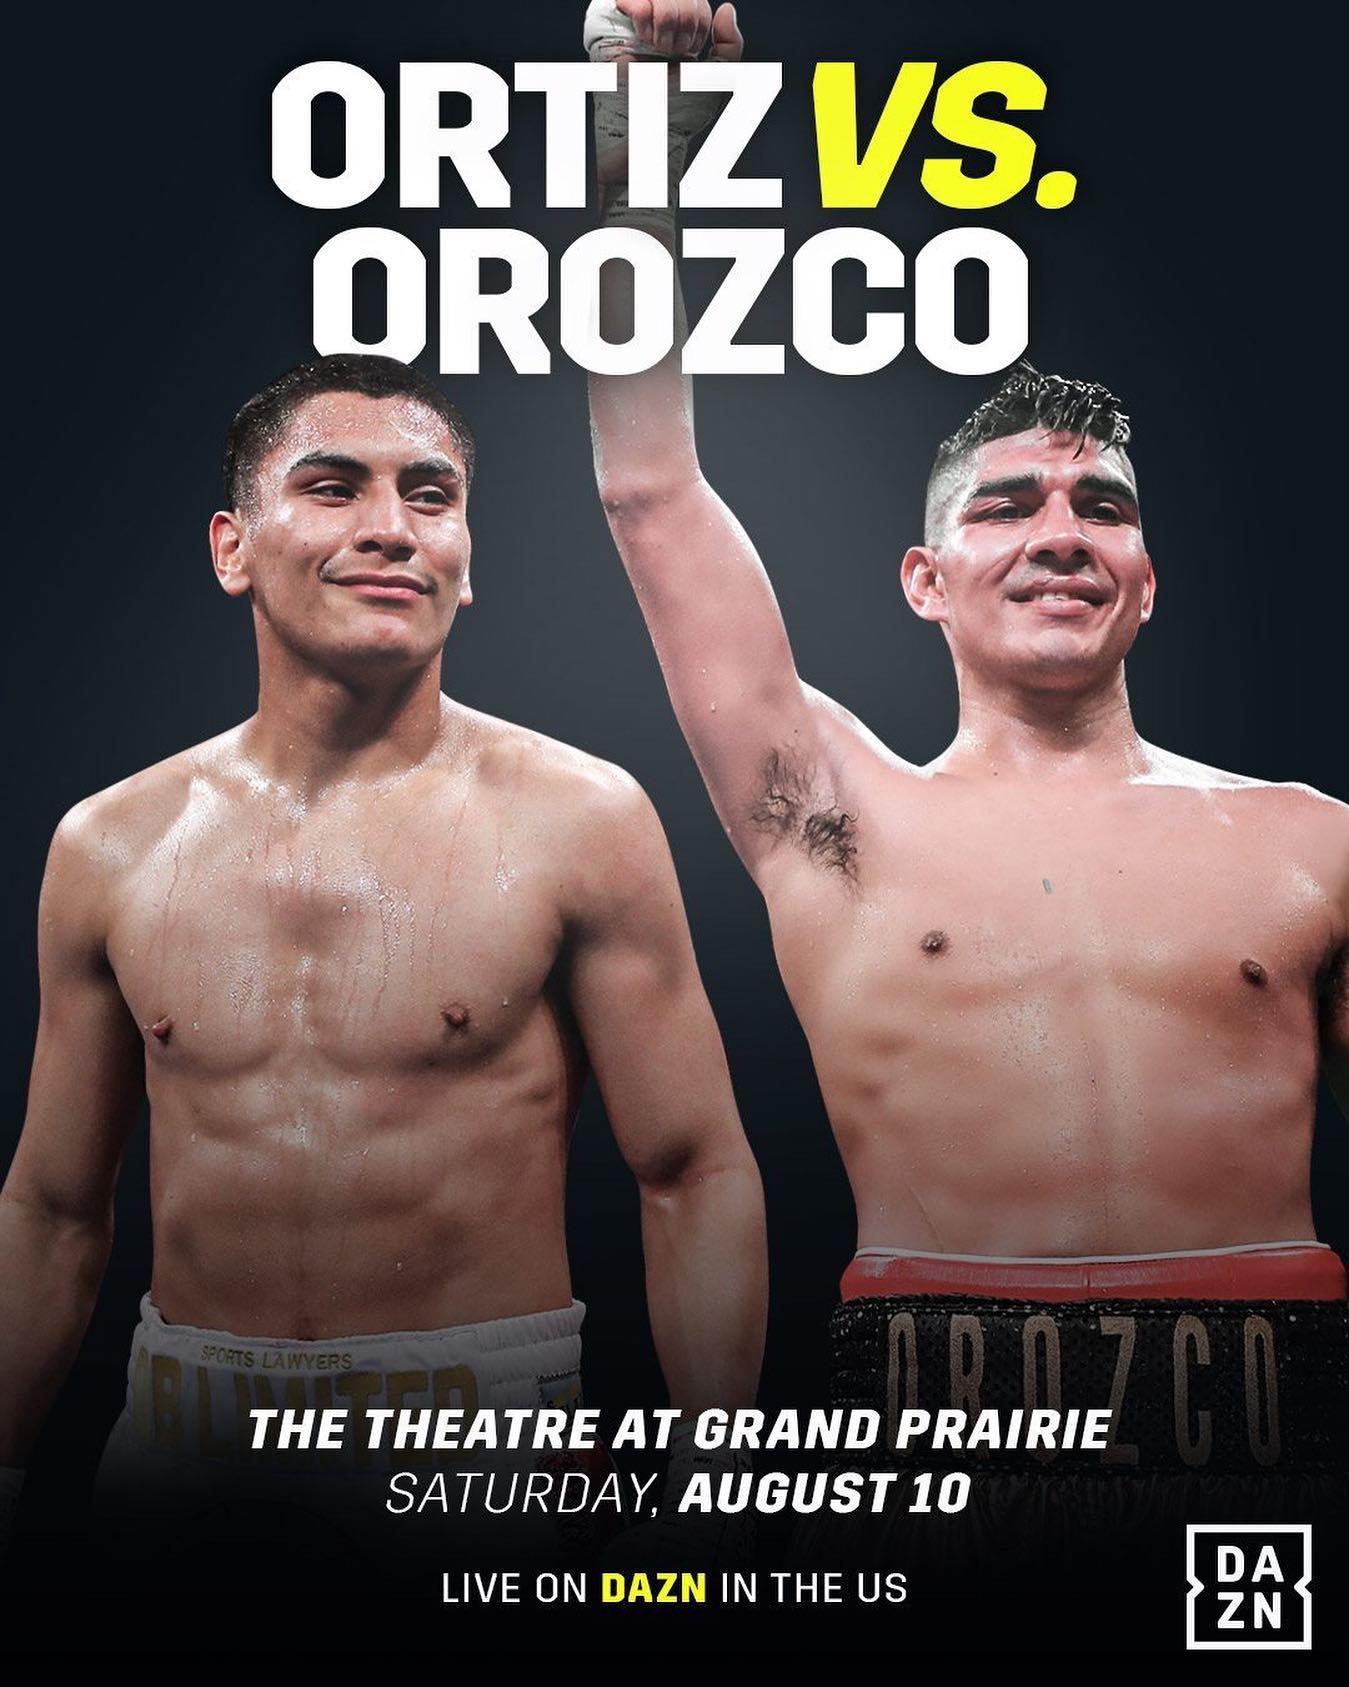 Ortiz vs. Orozco Fight Results